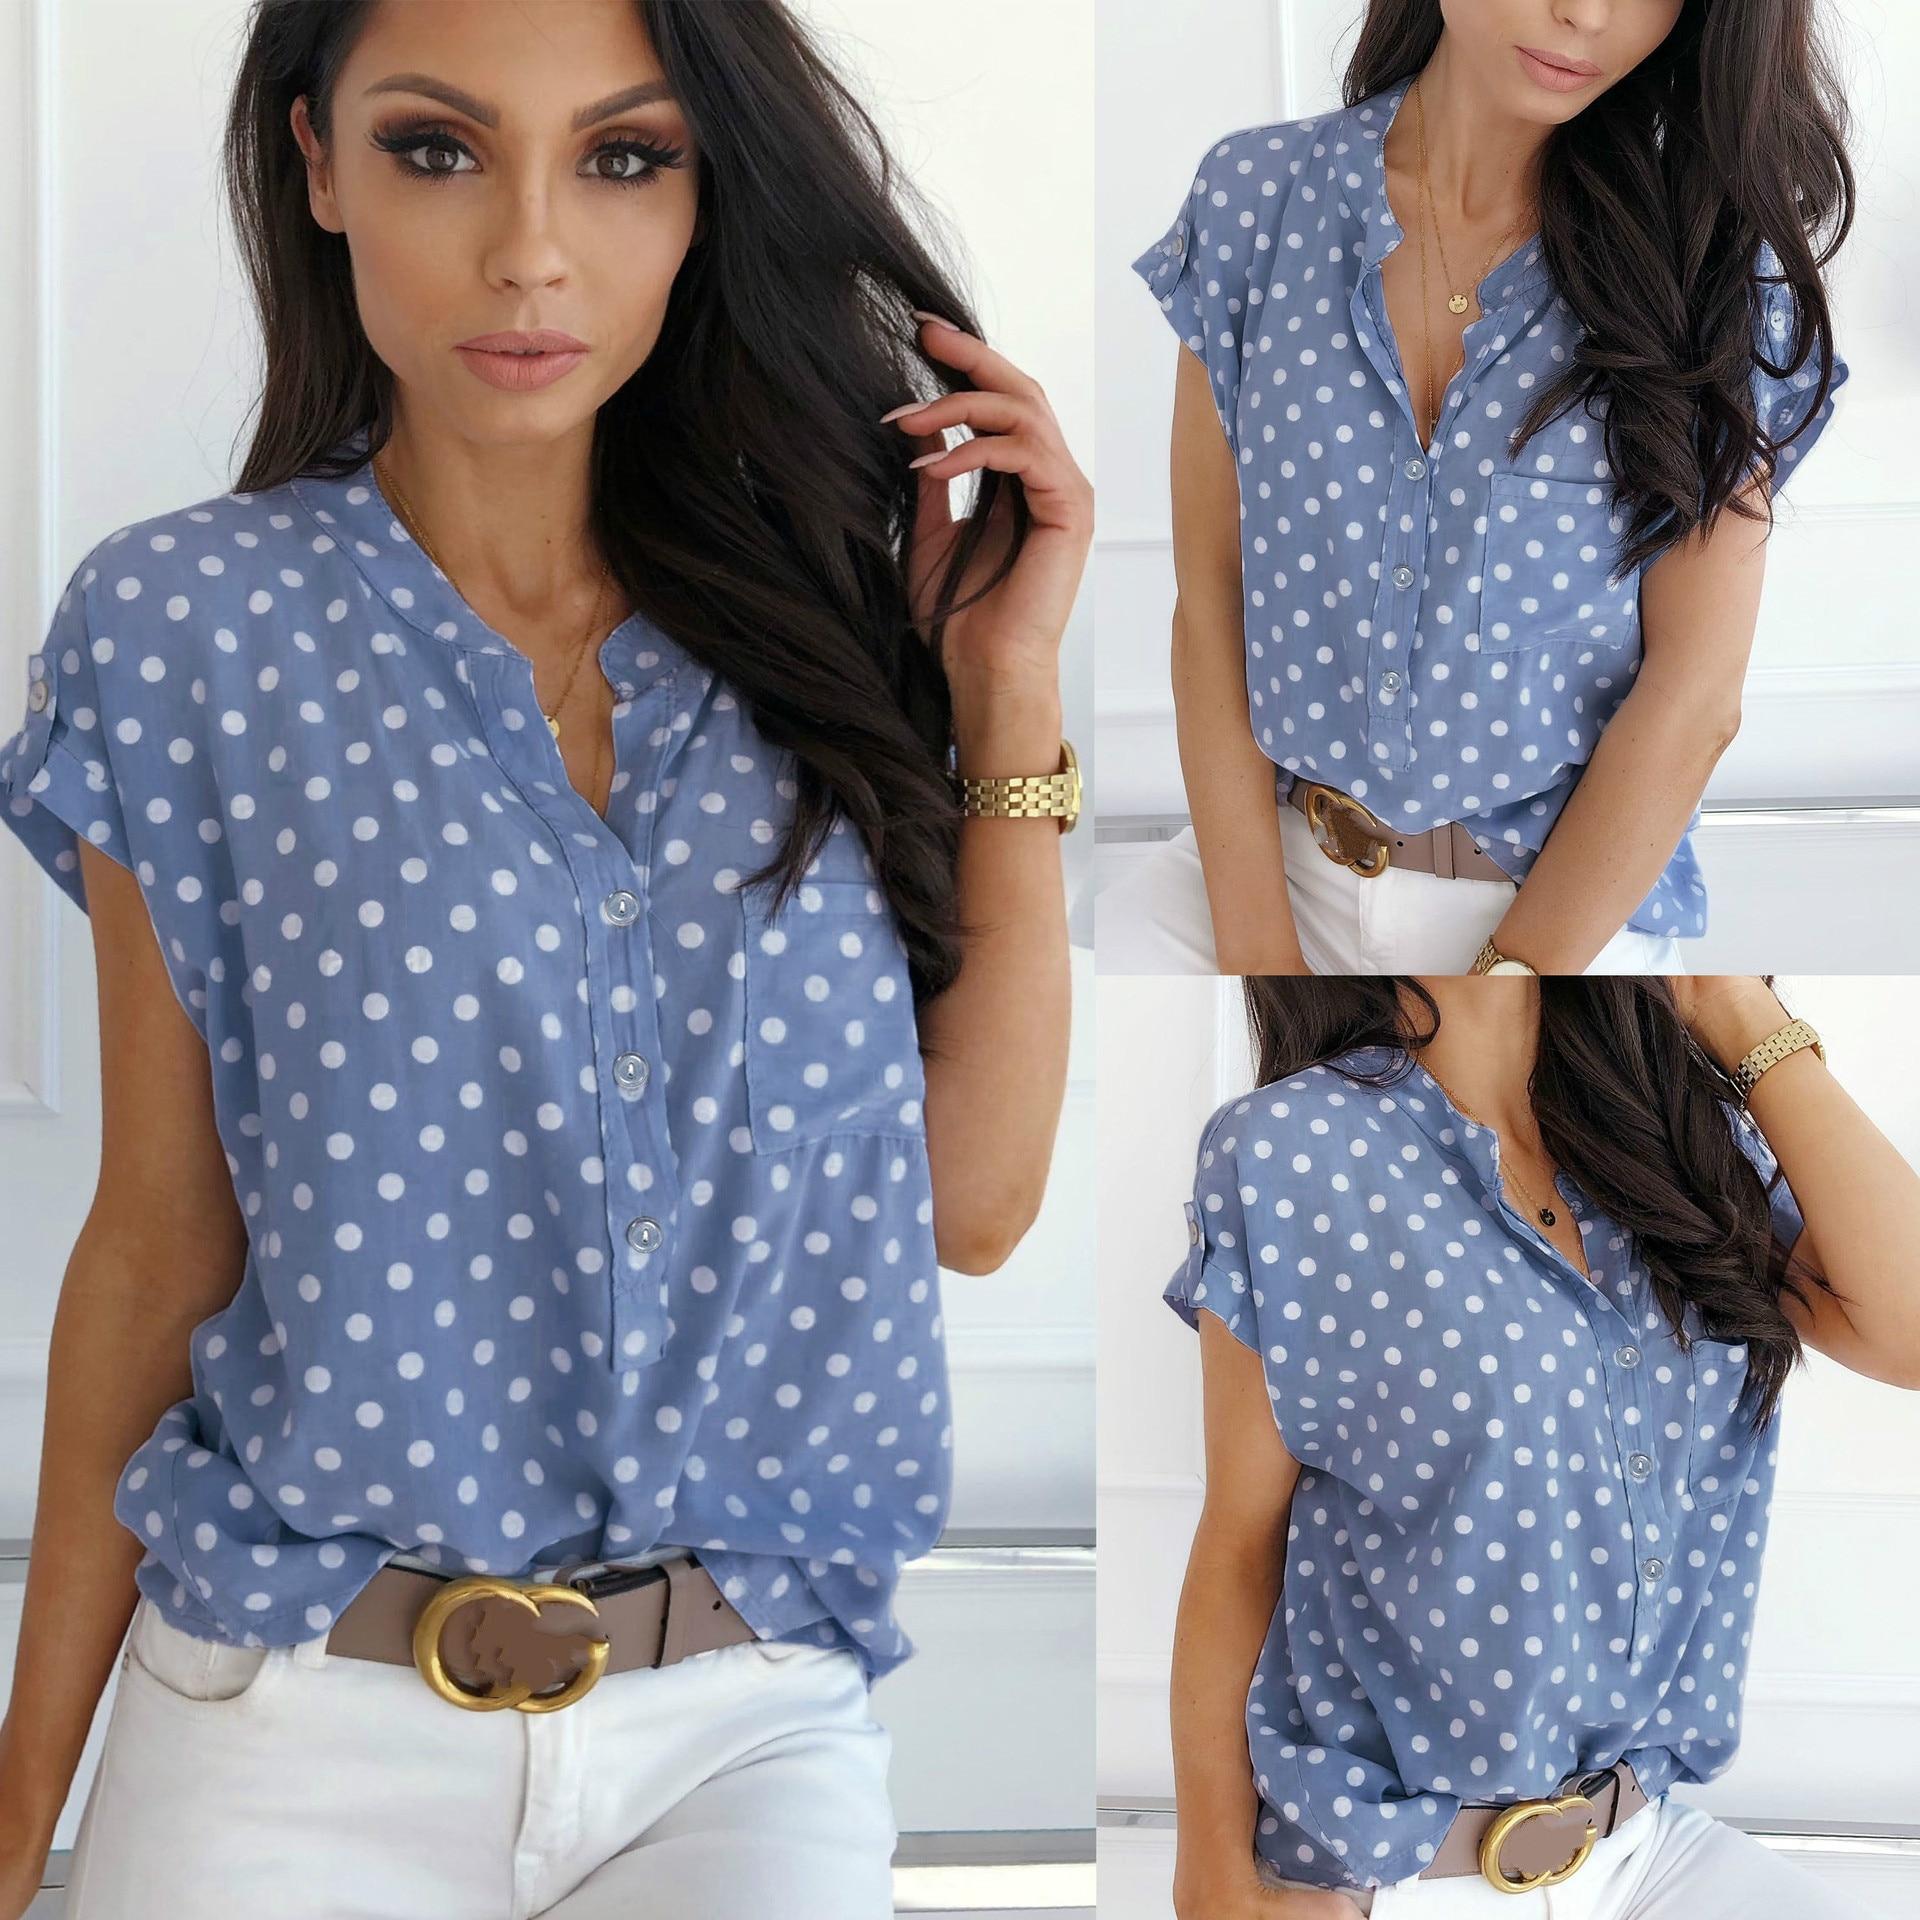 2019 Hot Sale Summer Women   Shirt   Polka Dot Blue V Neck Chiffon Short Sleeve Women Tops Women   Blouse   Summer Tops